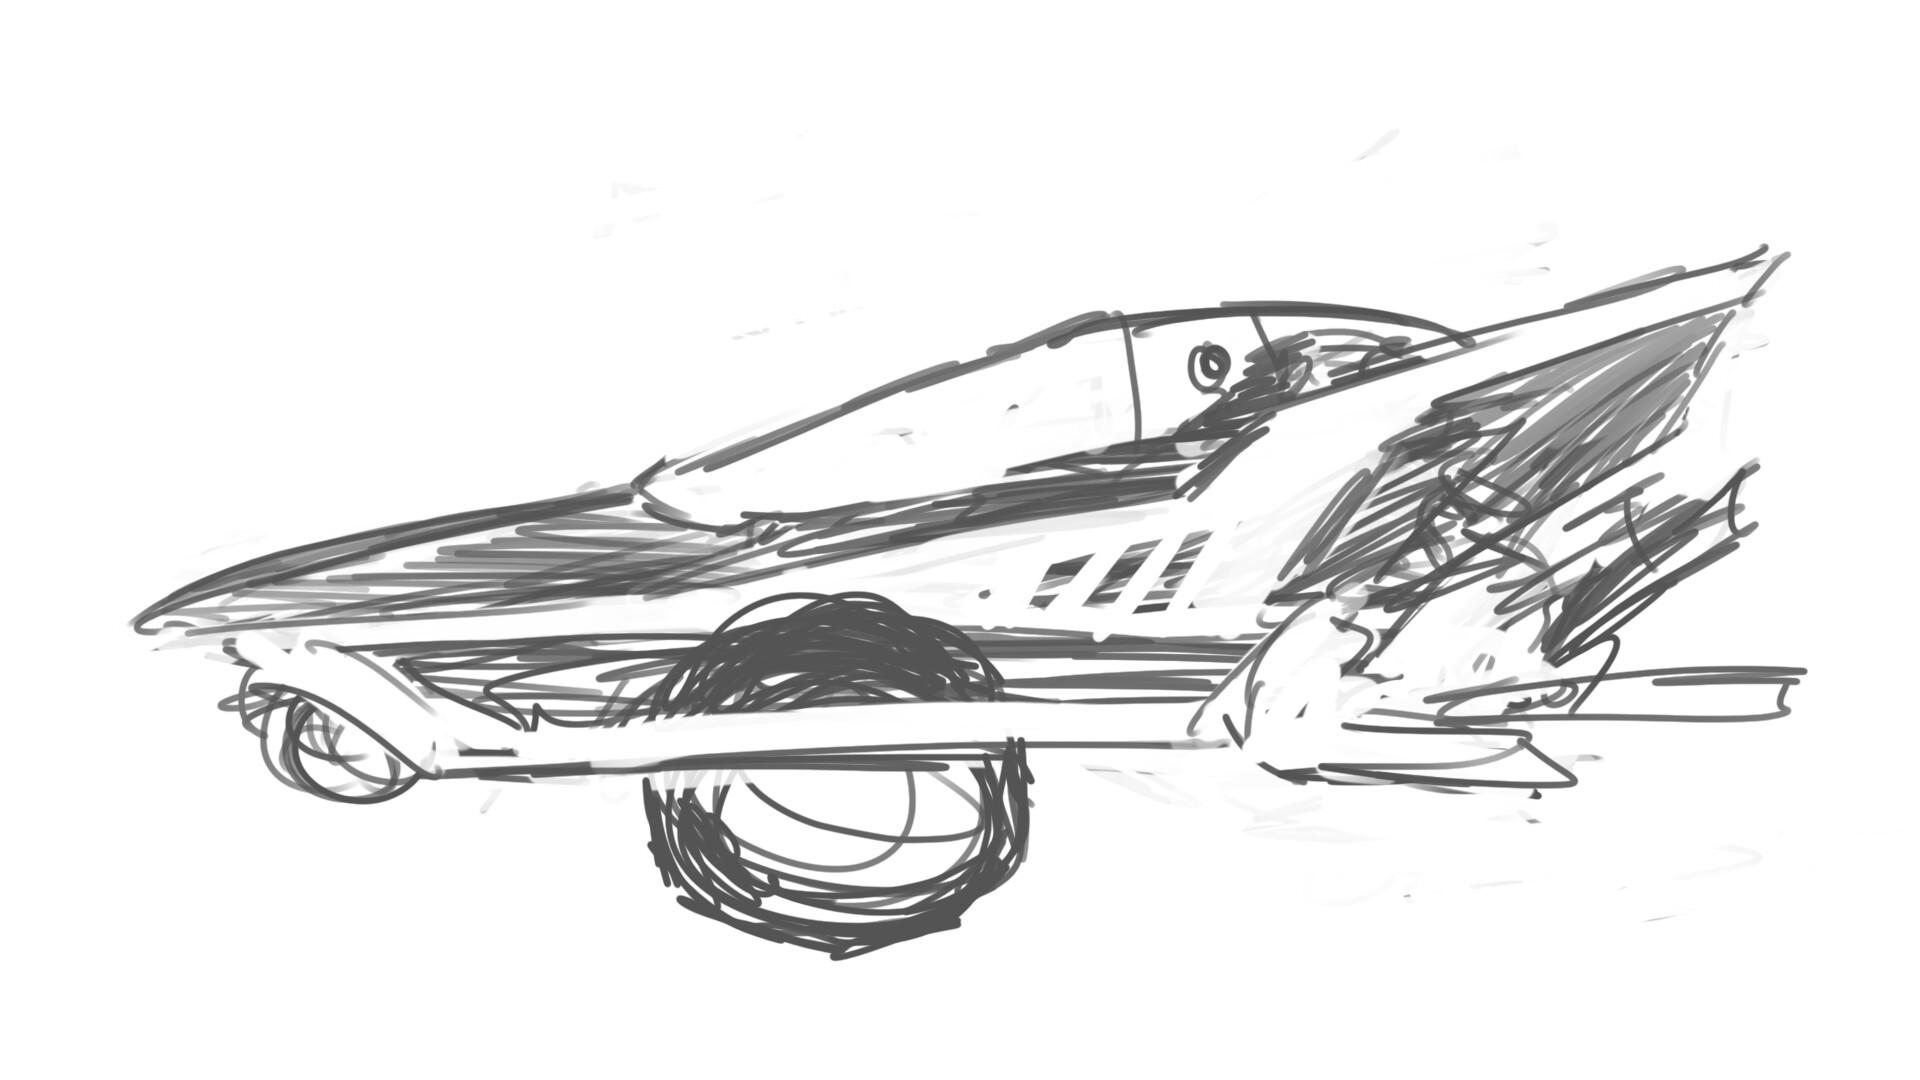 Alexander laheij drawing11 15